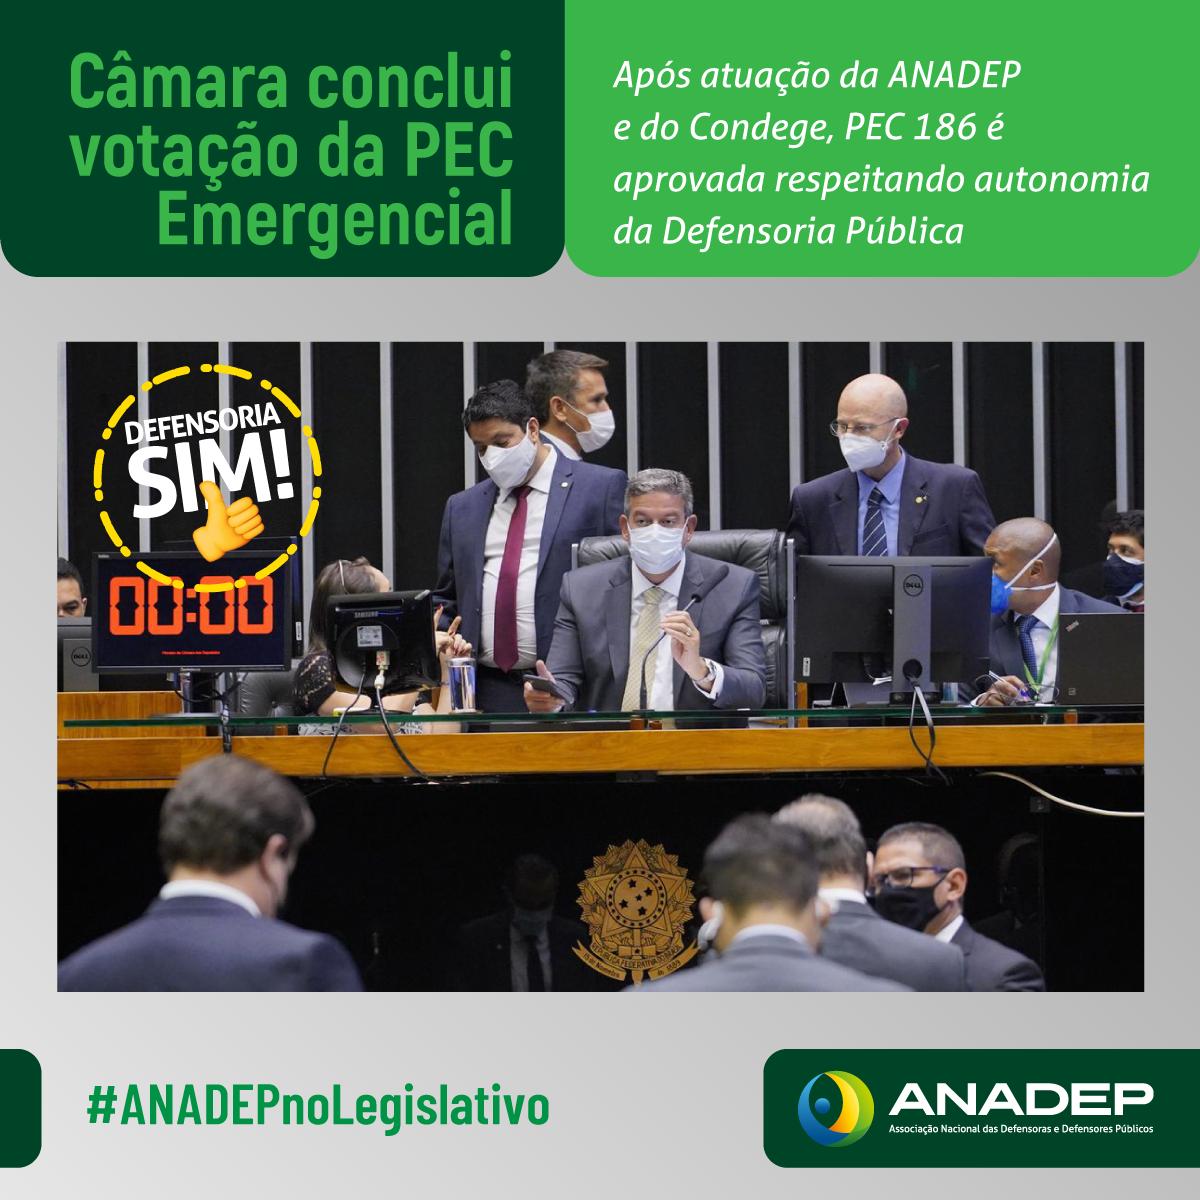 Após trabalho conjunto, PEC emergencial é aprovada na Câmara com autonomia da Defensoria Pública preservada